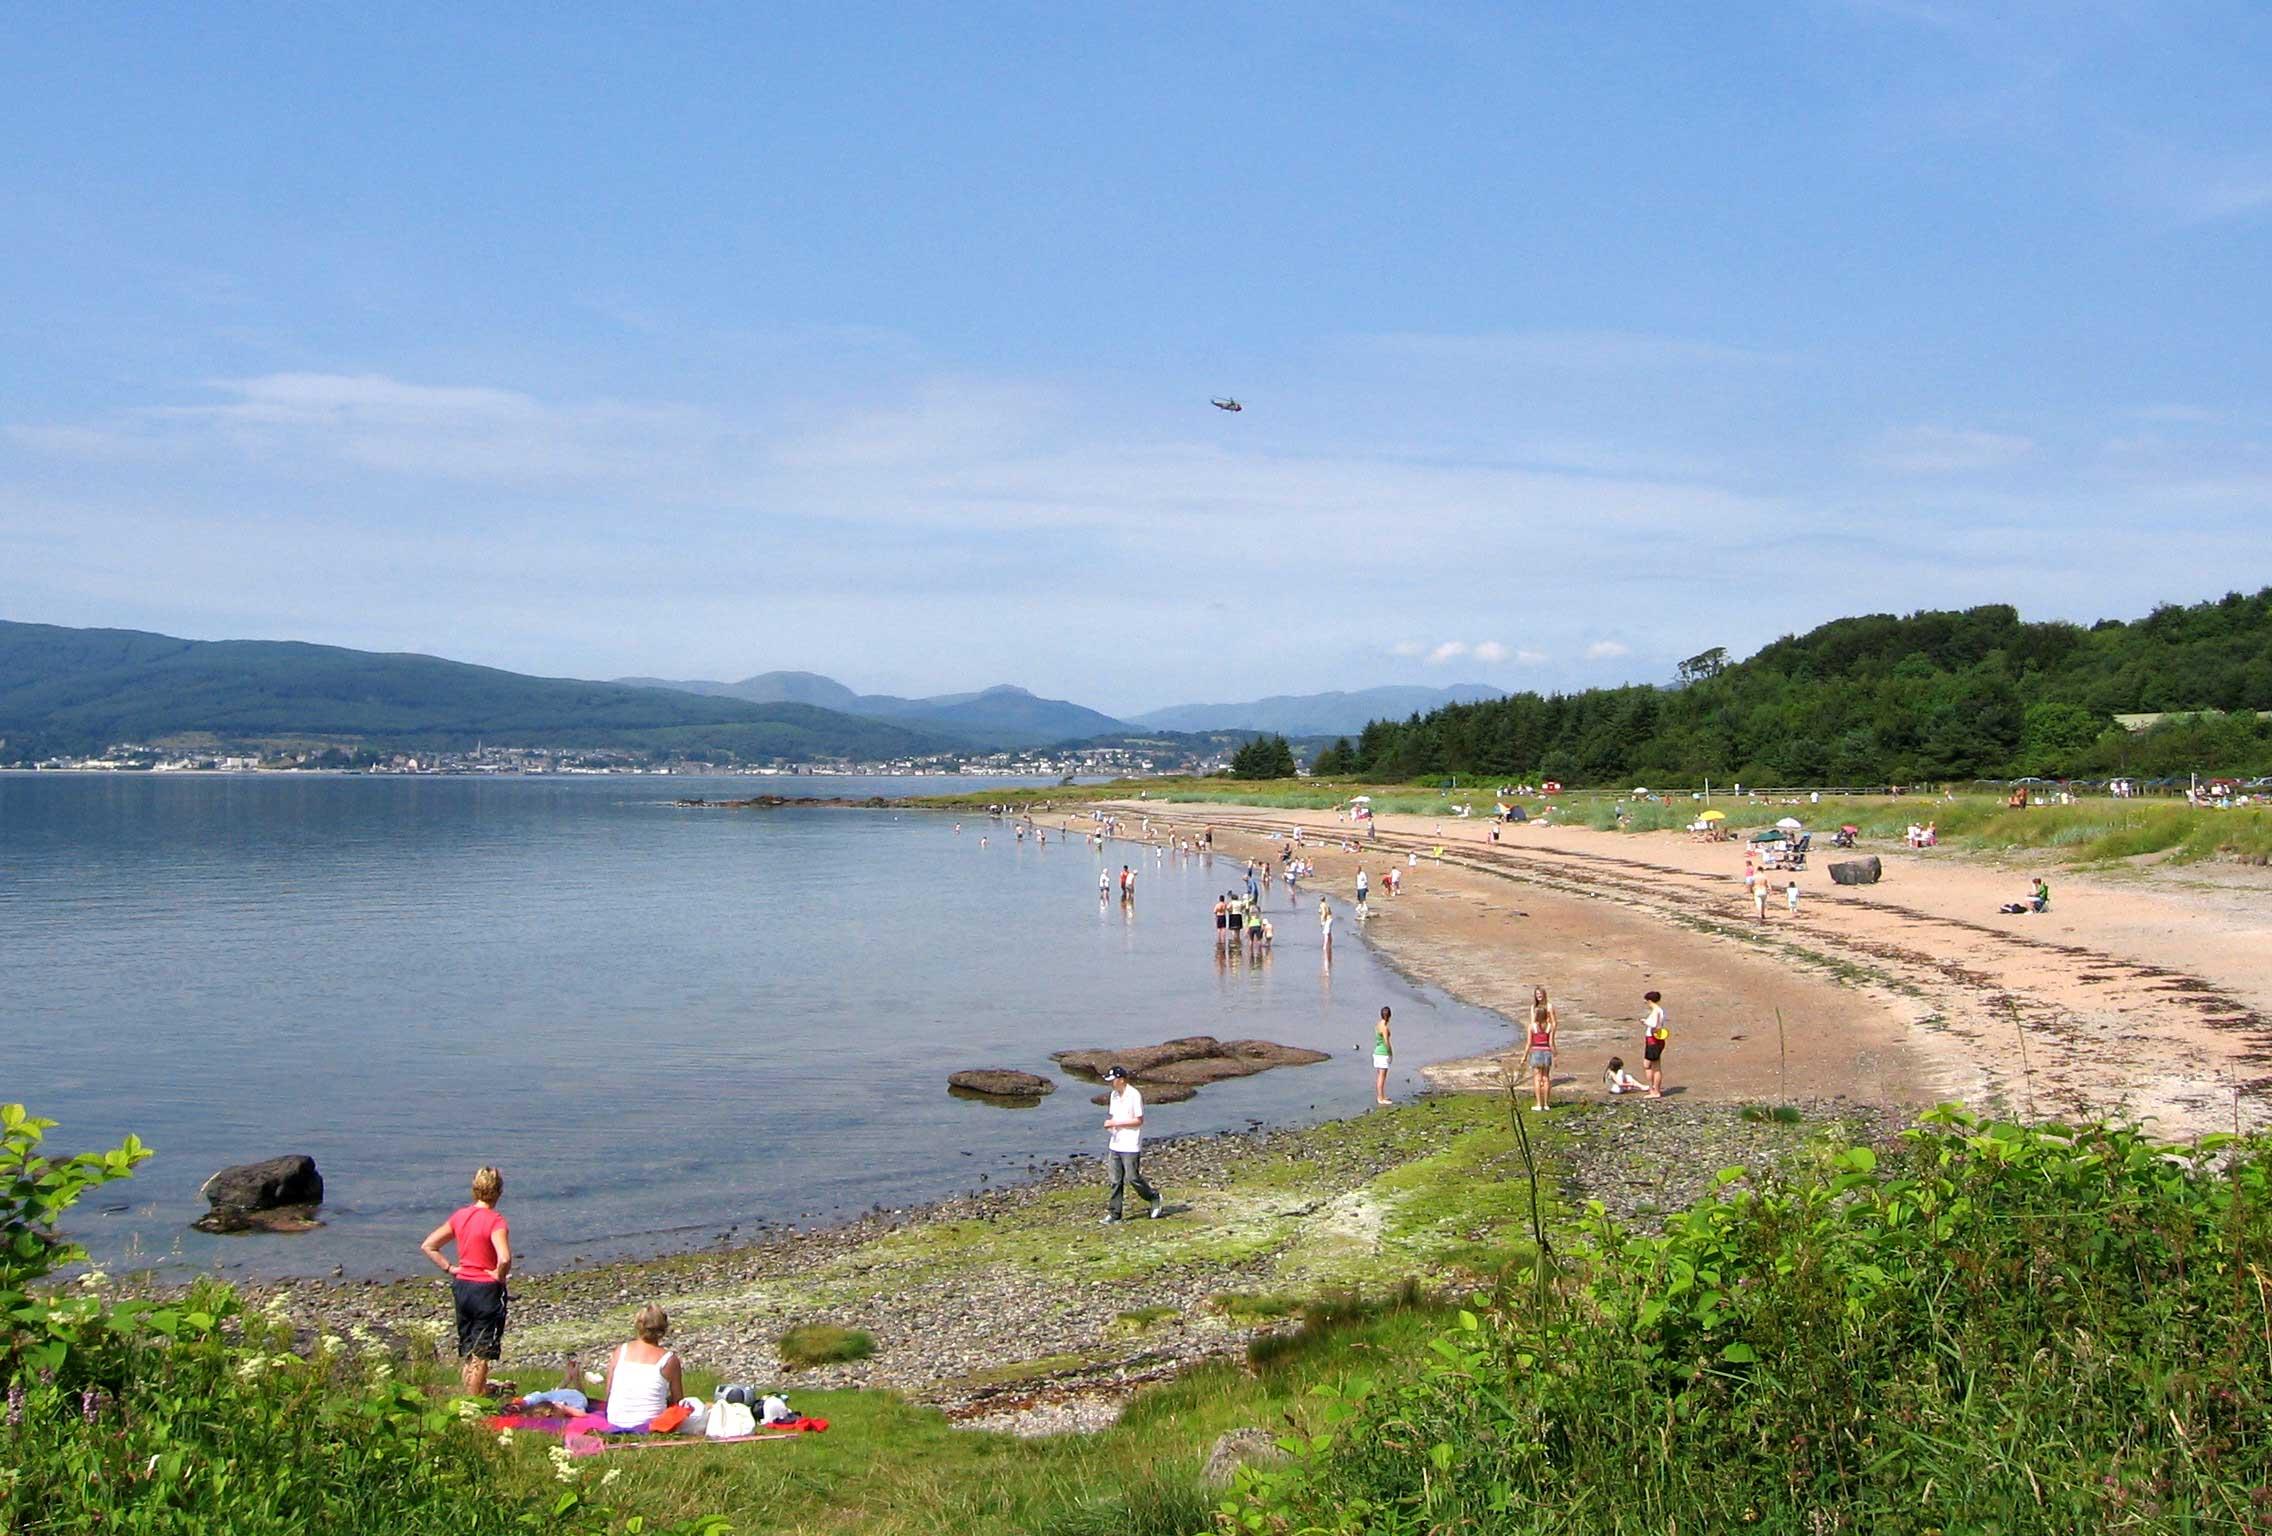 Lunderston Bay Beach